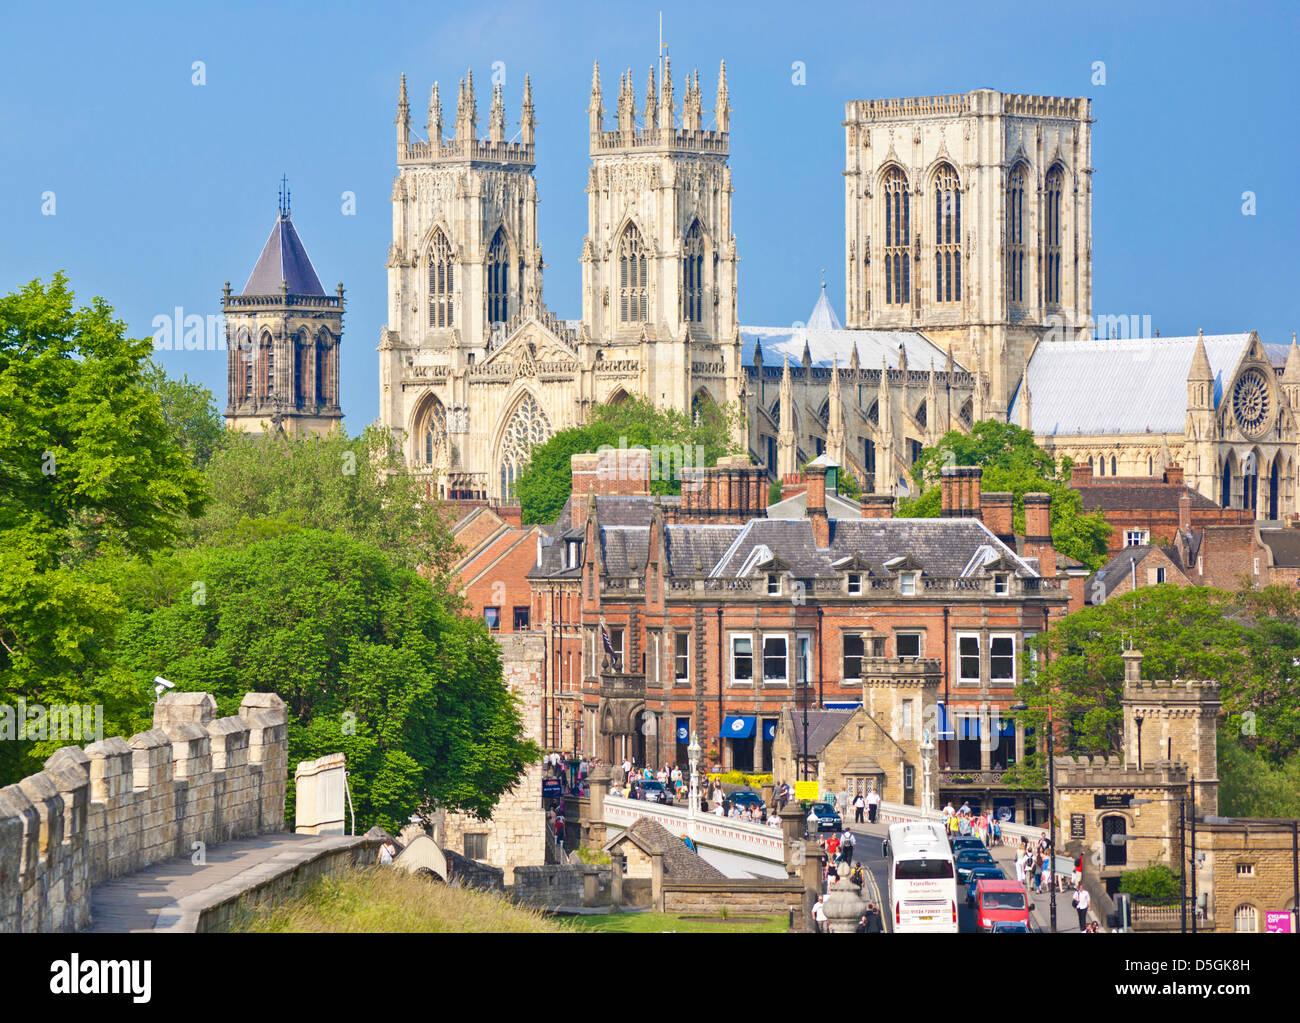 La cathédrale de York et une section de la ville de New York historique le long des murs Station road York Photo Stock